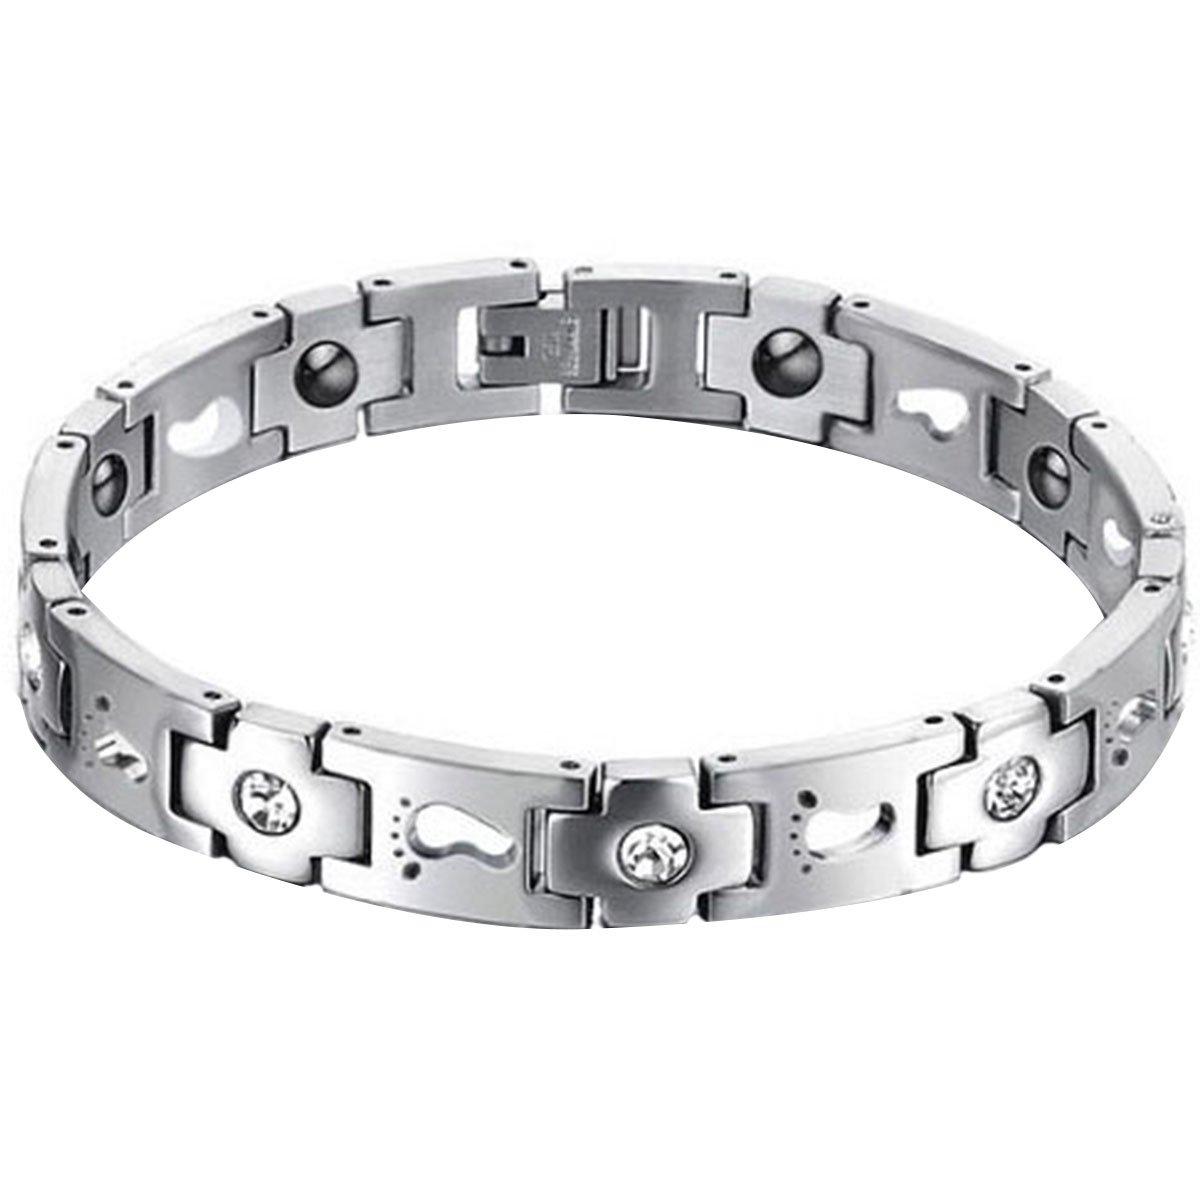 Neues Magnetarmband Edelstahlarmband Armband Edelstahl Gravur bracelet 21 cm